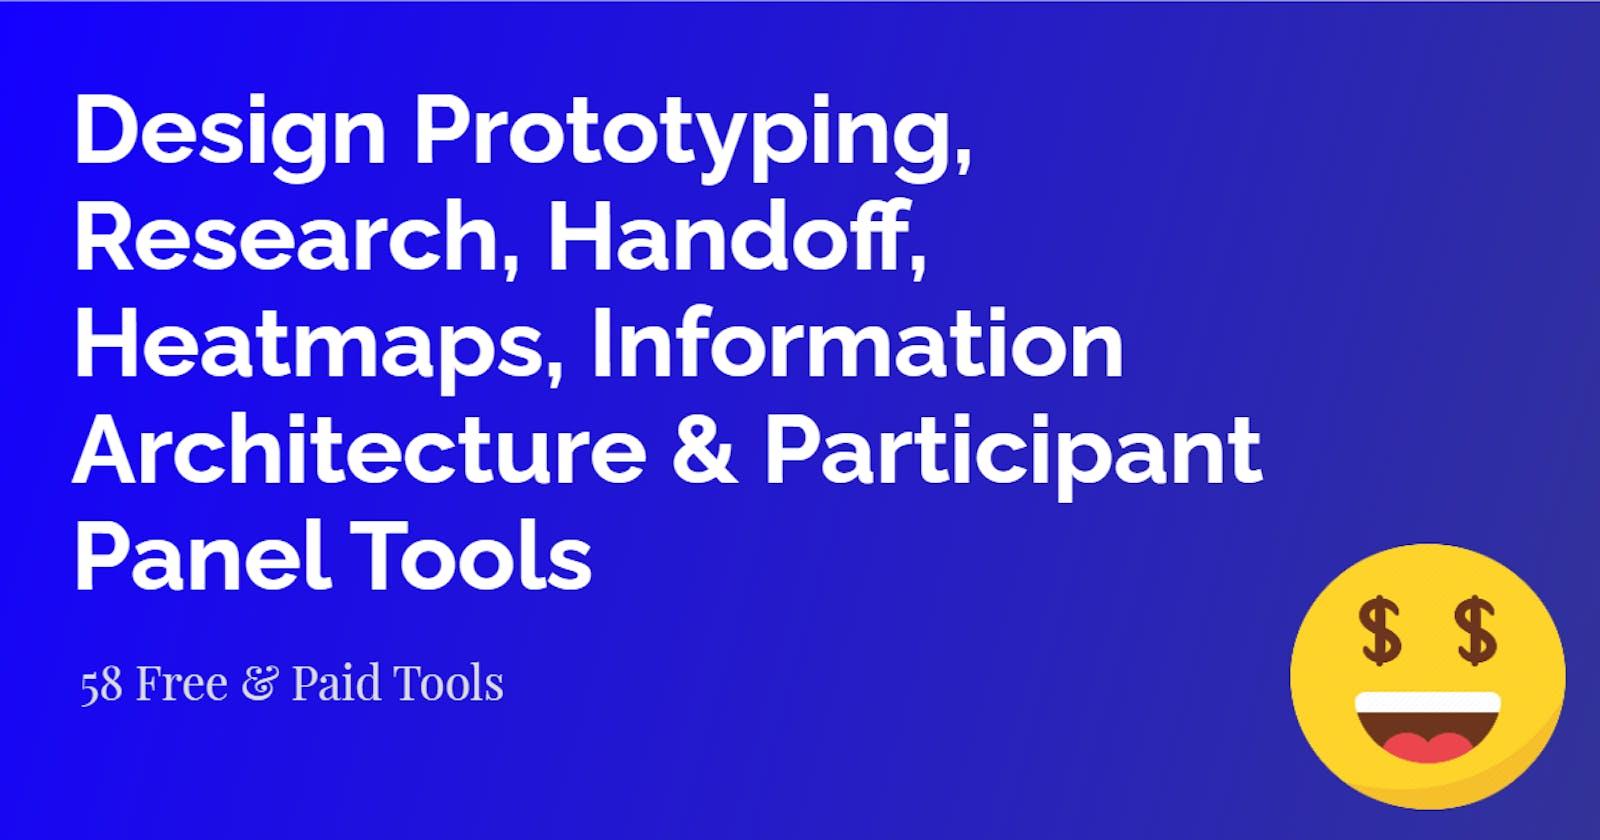 Design Prototyping, Research, Handoff, Heatmaps, Info. Architecture, Participant Panels Tools | UX